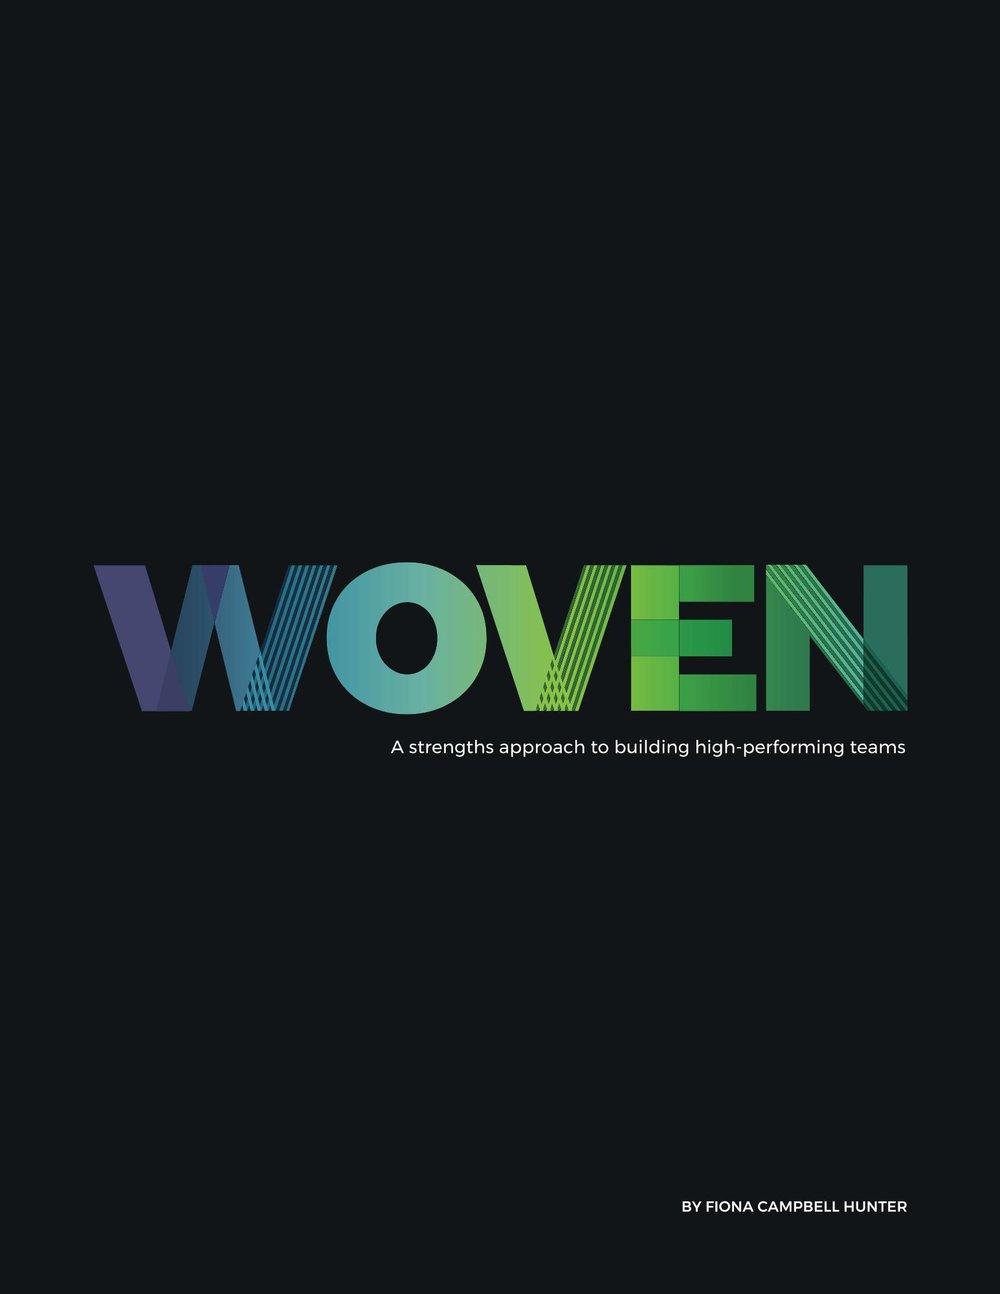 WOVEN - available on Amazon